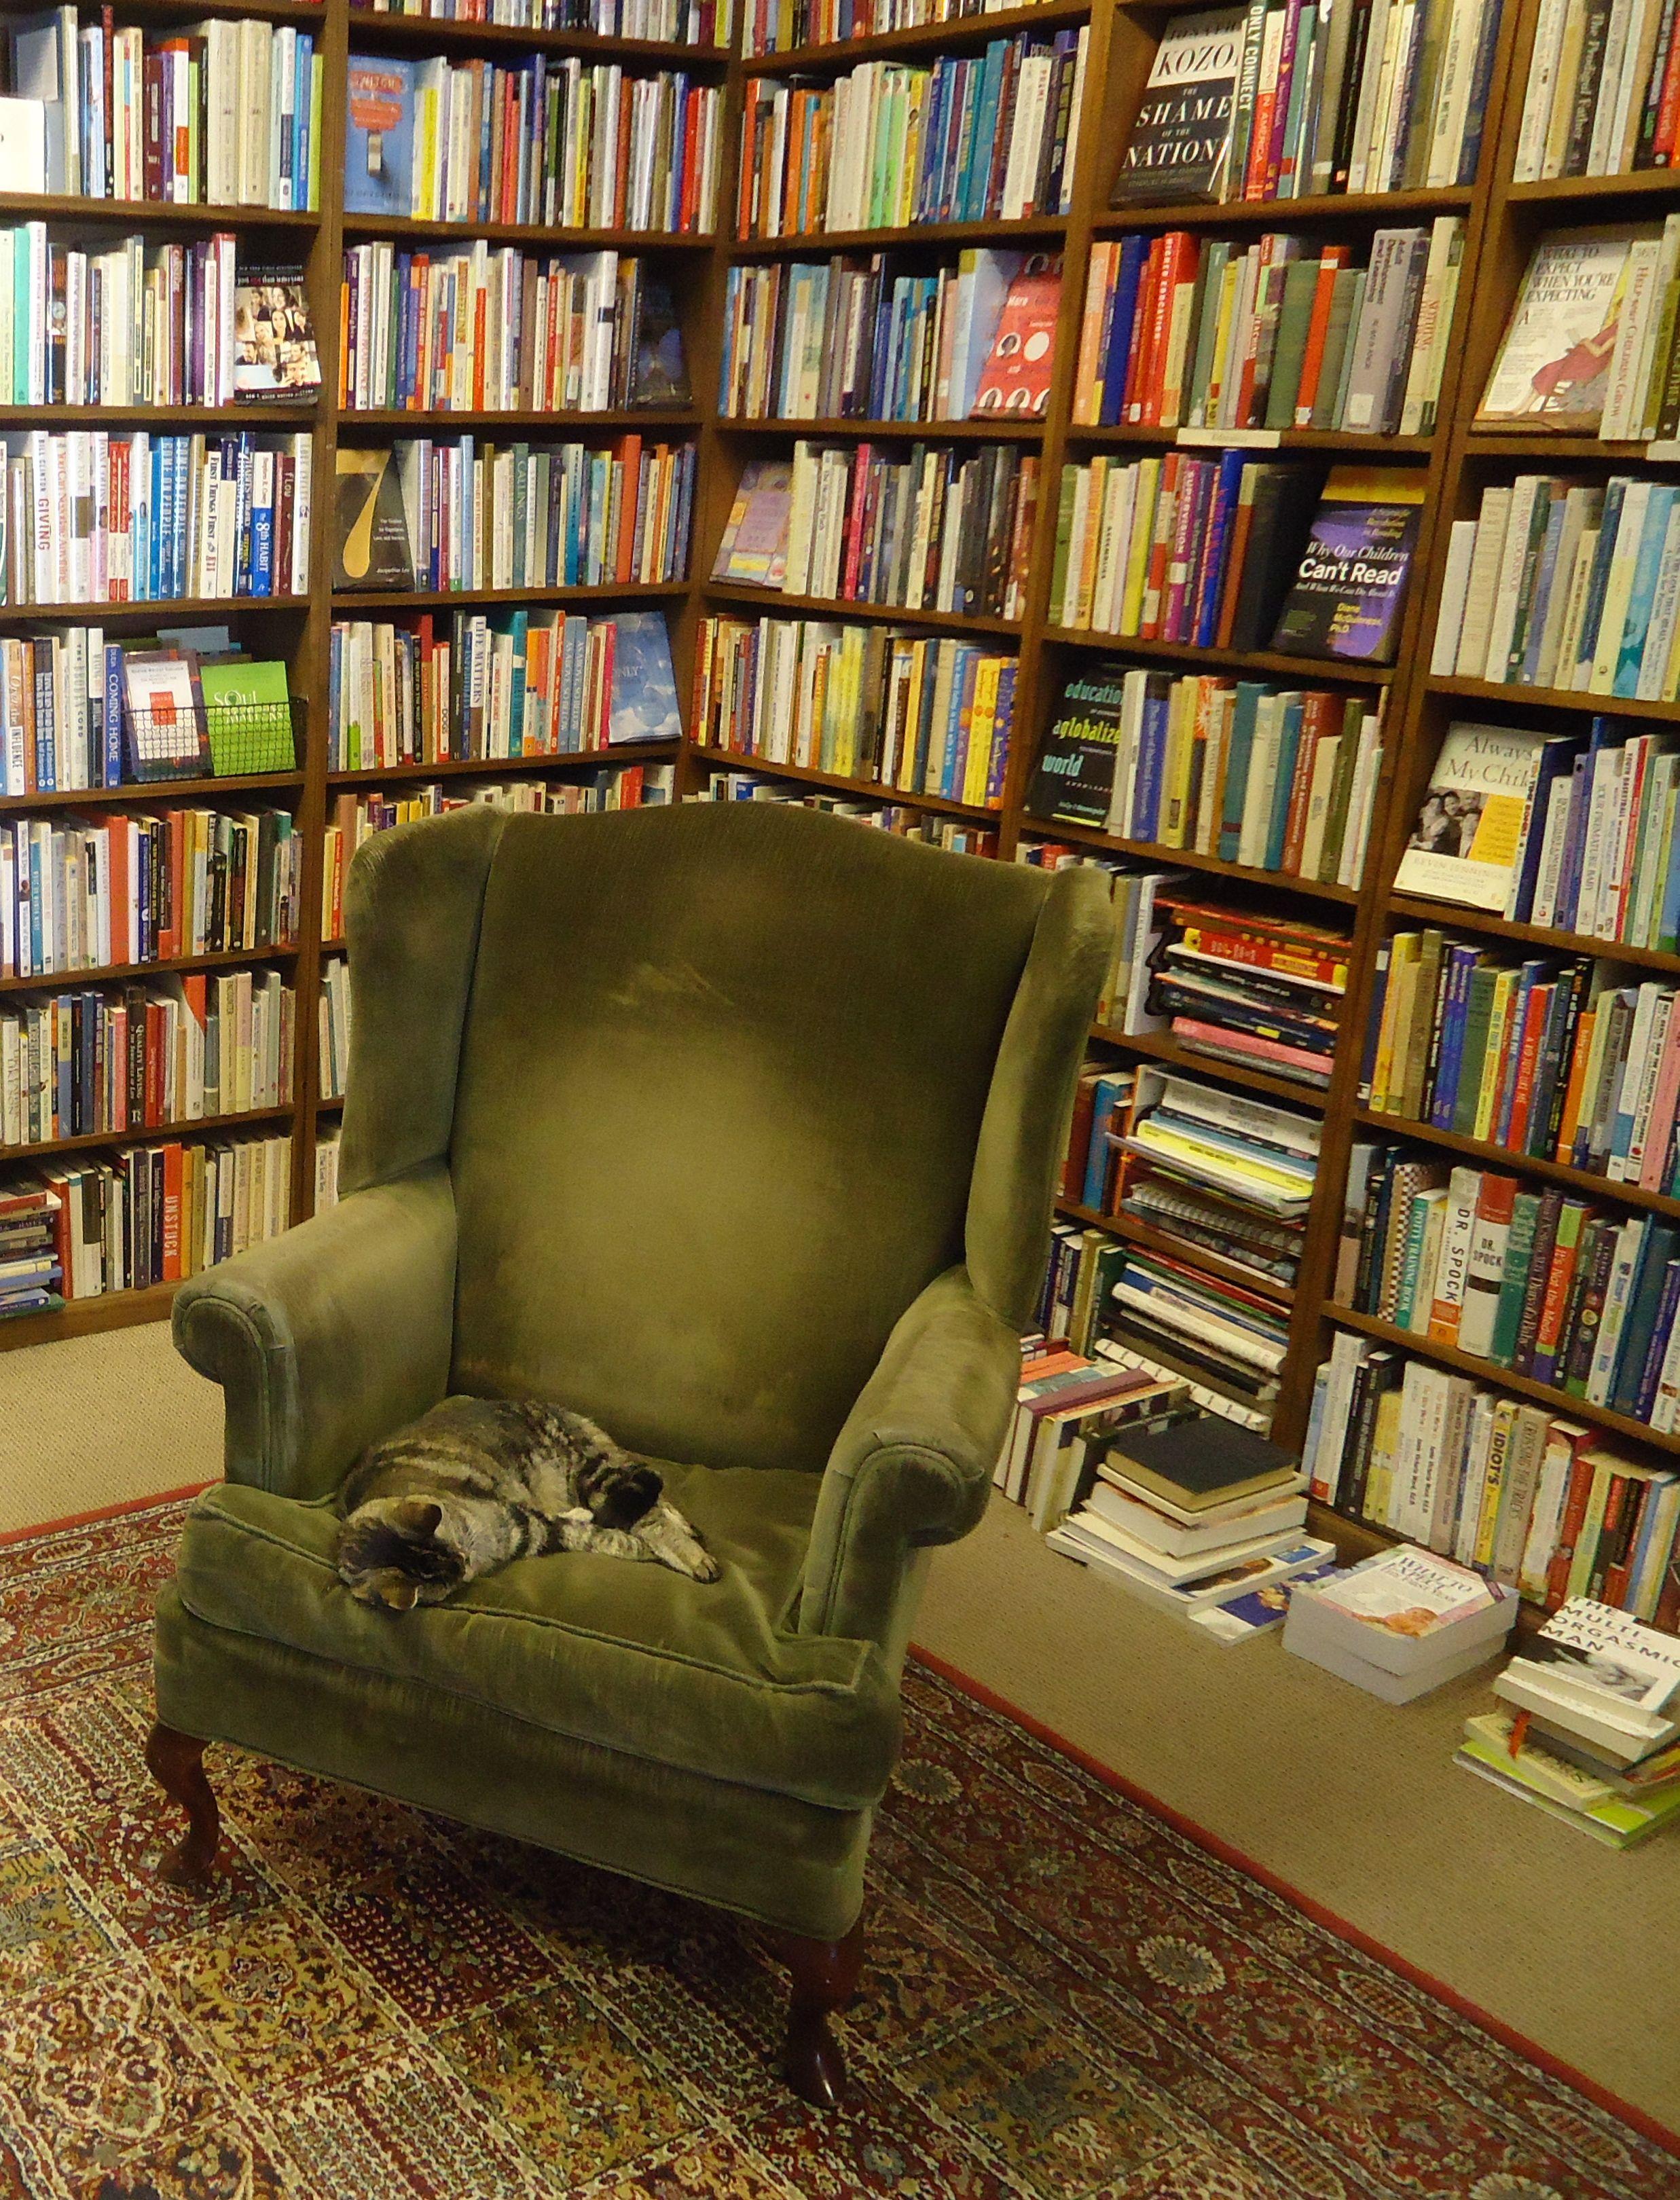 Alice In The Dusty Bookshelf Books Bookshelves